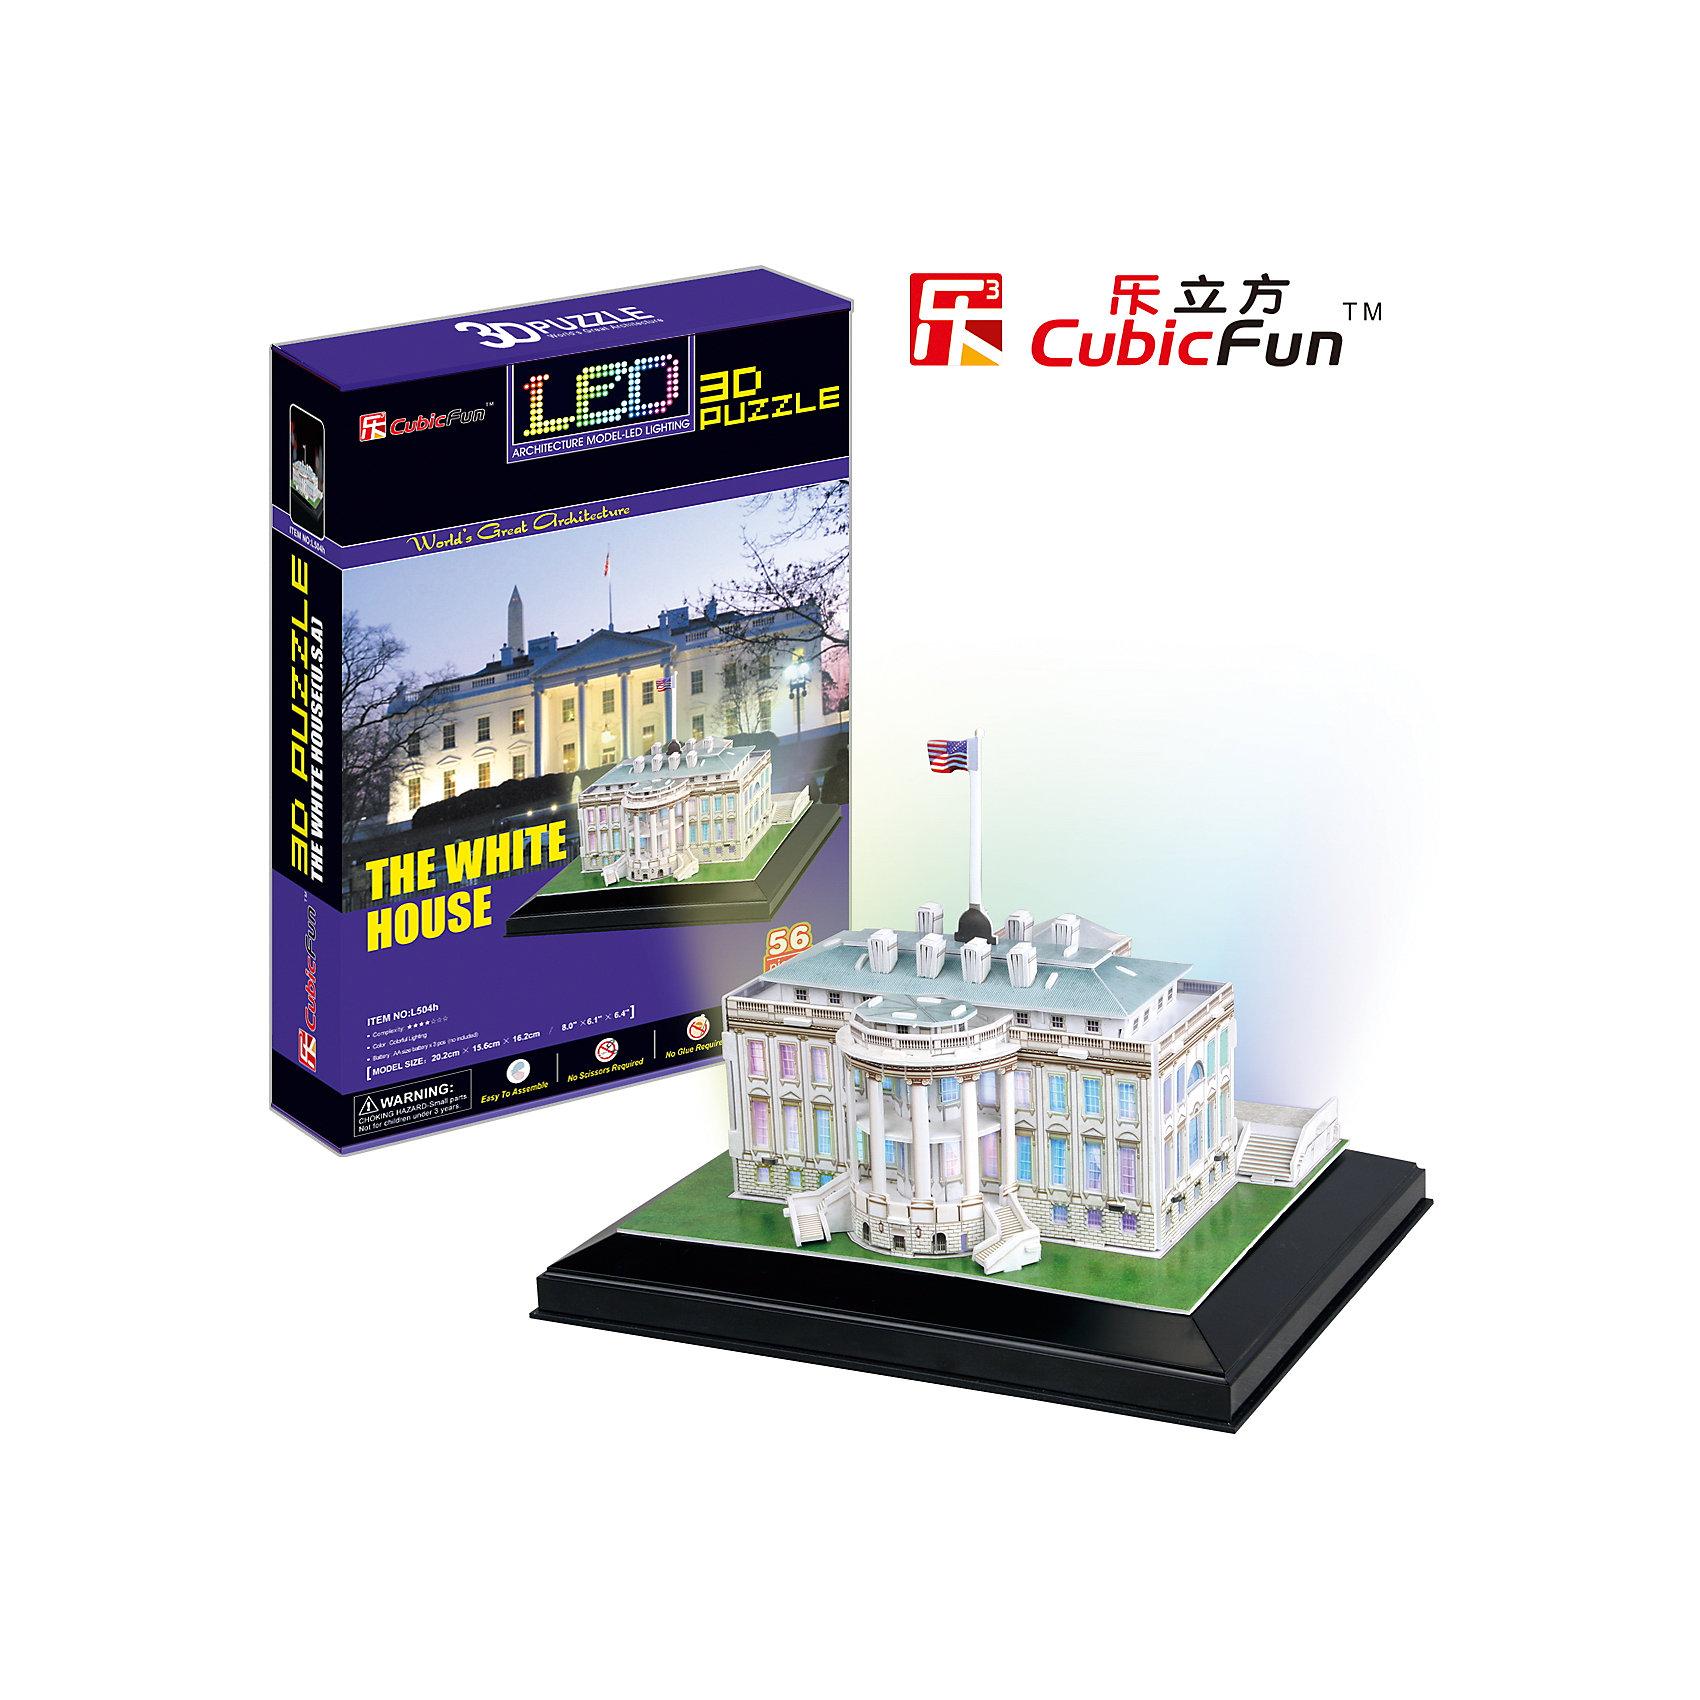 Пазл 3D Белый дом с иллюминацией  (США), CubicFun3D пазлы<br>Cubic Fun L504h Кубик фан Белый дом с иллюминацией  (Вашингтон)<br>В течение 200 лет Белый дом стоял как символ Президентства, правительства Соединенных Штатов, и американских людей. Его история началась, когда Президент Джордж Вашингтон подписал постановление конгресса в декабре 1790 года.  <br>Уровень сложности - 4.<br>Функции:<br>- помогает в развитии логики и творческих способностей ребенка;<br>- помогает в формировании мышления, речи, внимания, восприятия и воображения;<br>- развивает моторику рук;<br>- расширяет кругозор ребенка и стимулирует к познанию новой информации.<br>Практические характеристики:<br>- обучающая, яркая и реалистичная модель;<br>- идеально и легко собирается без инструментов;<br>- увлекательный игровой процесс;<br>- тематический ассортимент;<br>- новый качественный материал (ламинированный пенокартон).<br><br>Ширина мм: 220<br>Глубина мм: 330<br>Высота мм: 60<br>Вес г: 767<br>Возраст от месяцев: 72<br>Возраст до месяцев: 192<br>Пол: Унисекс<br>Возраст: Детский<br>SKU: 4951146